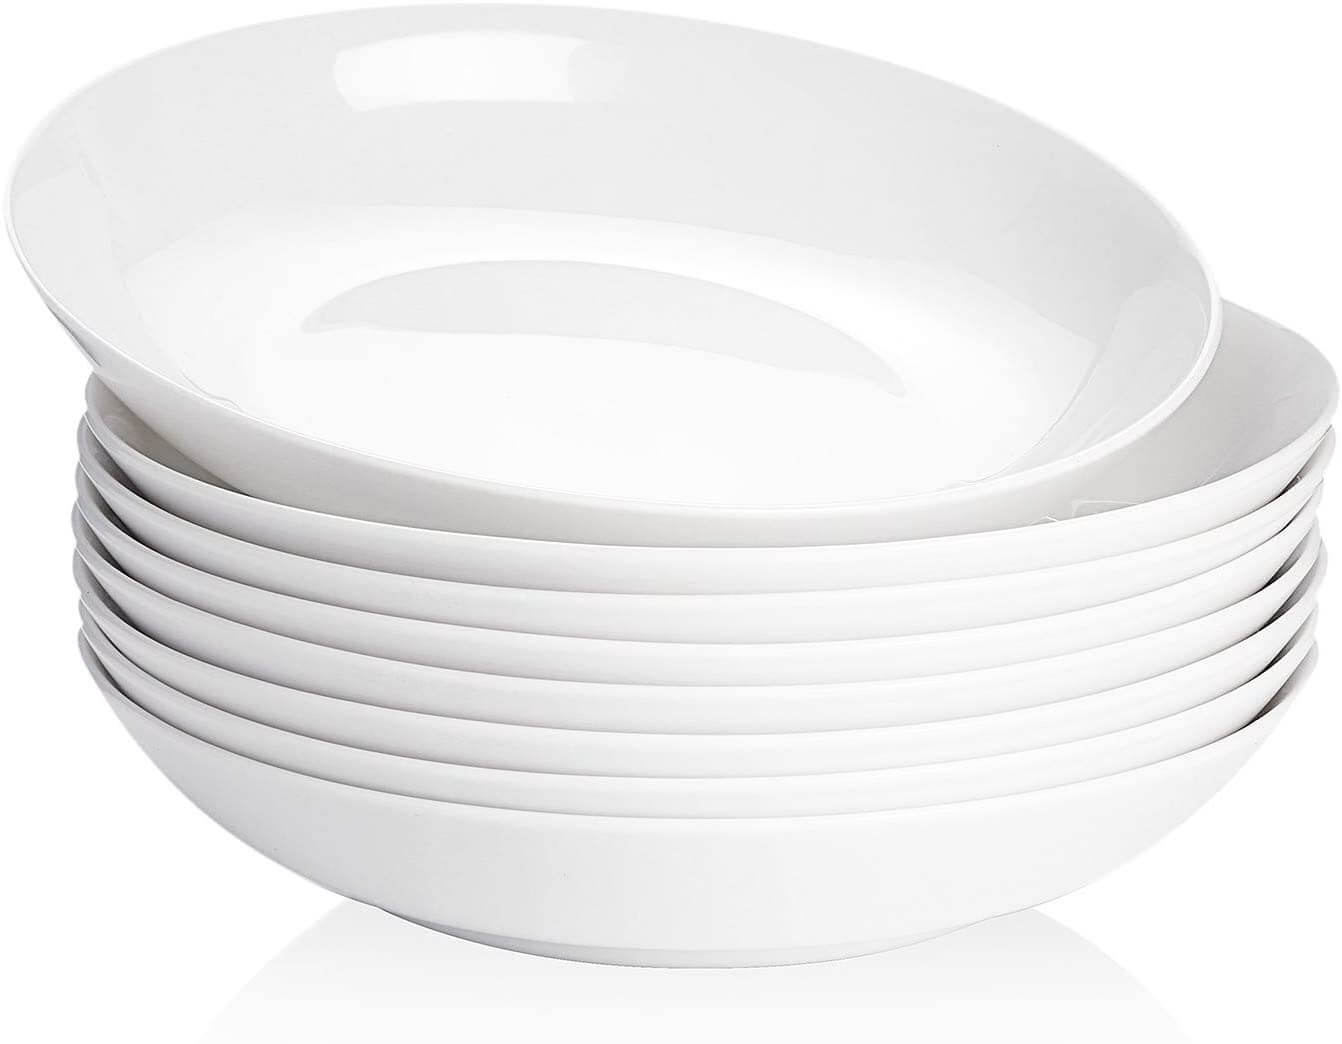 TGLBT Pasta and Salad Bowls